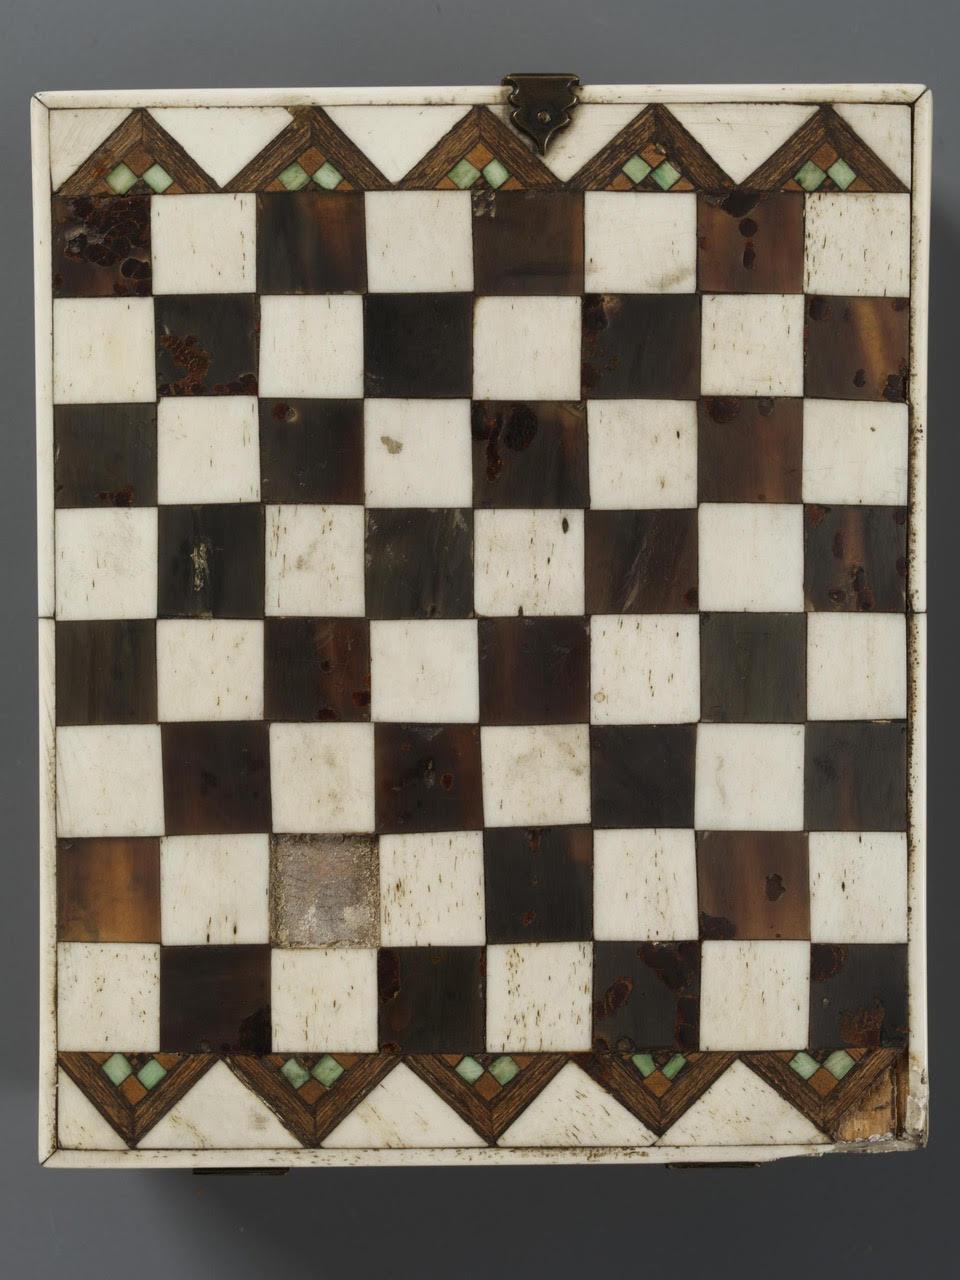 Die Unterseite des Minnekästchens ist mit einem Schachbrettmuster verziert. Die hellen Felder aus Knochen  oder Elfenbein, die dunklen aus Holz.